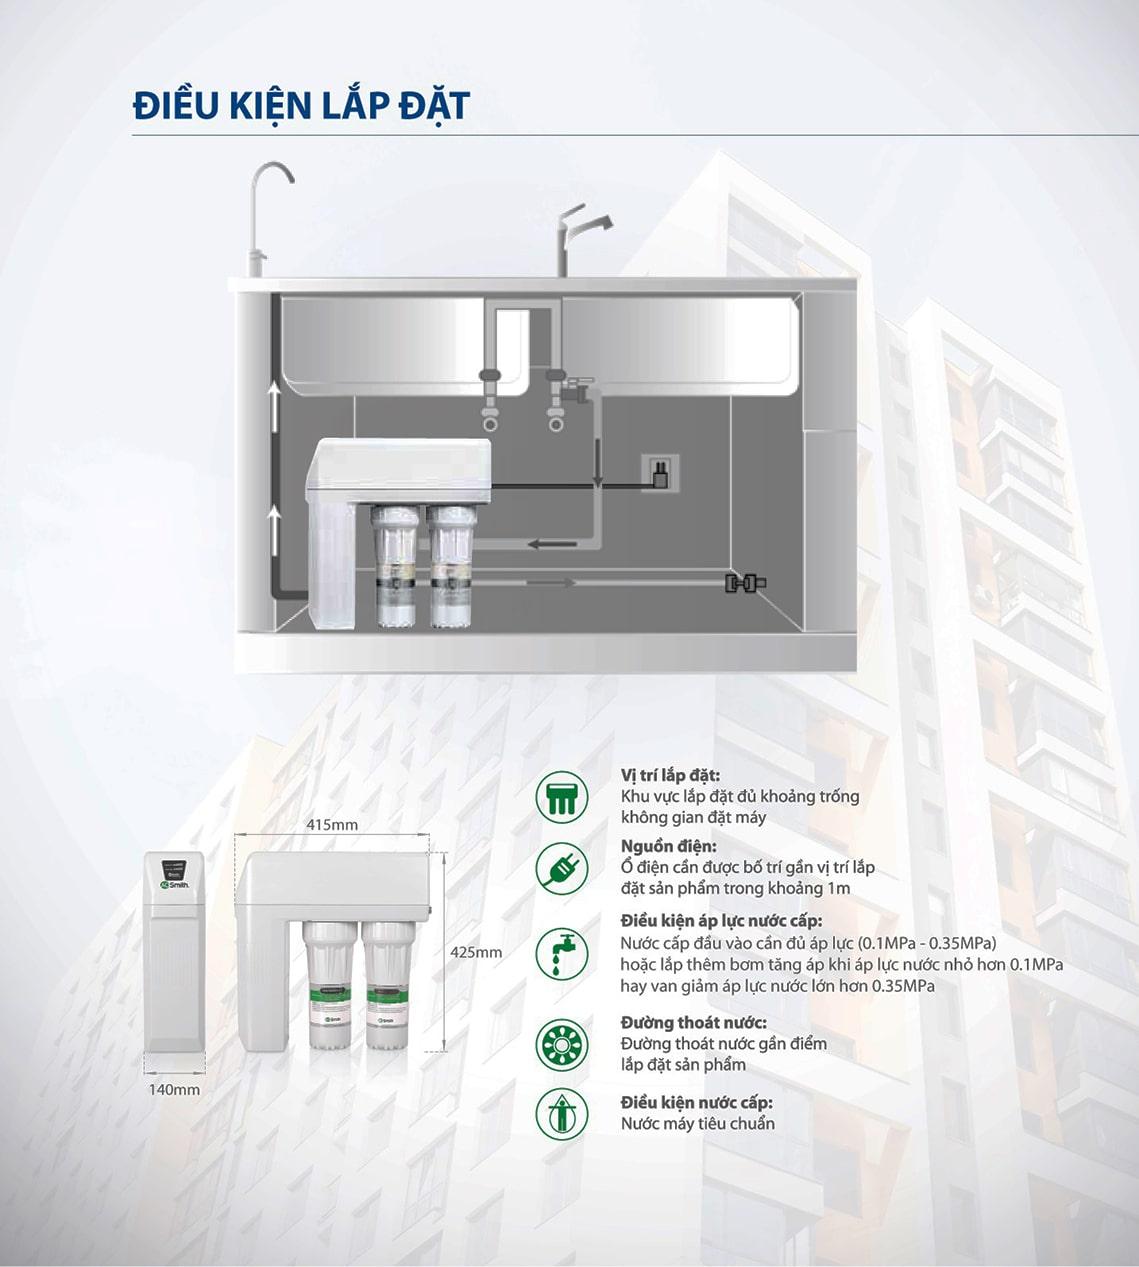 Điều kiện lắp đặt máy lọc nước Aosmith R400E